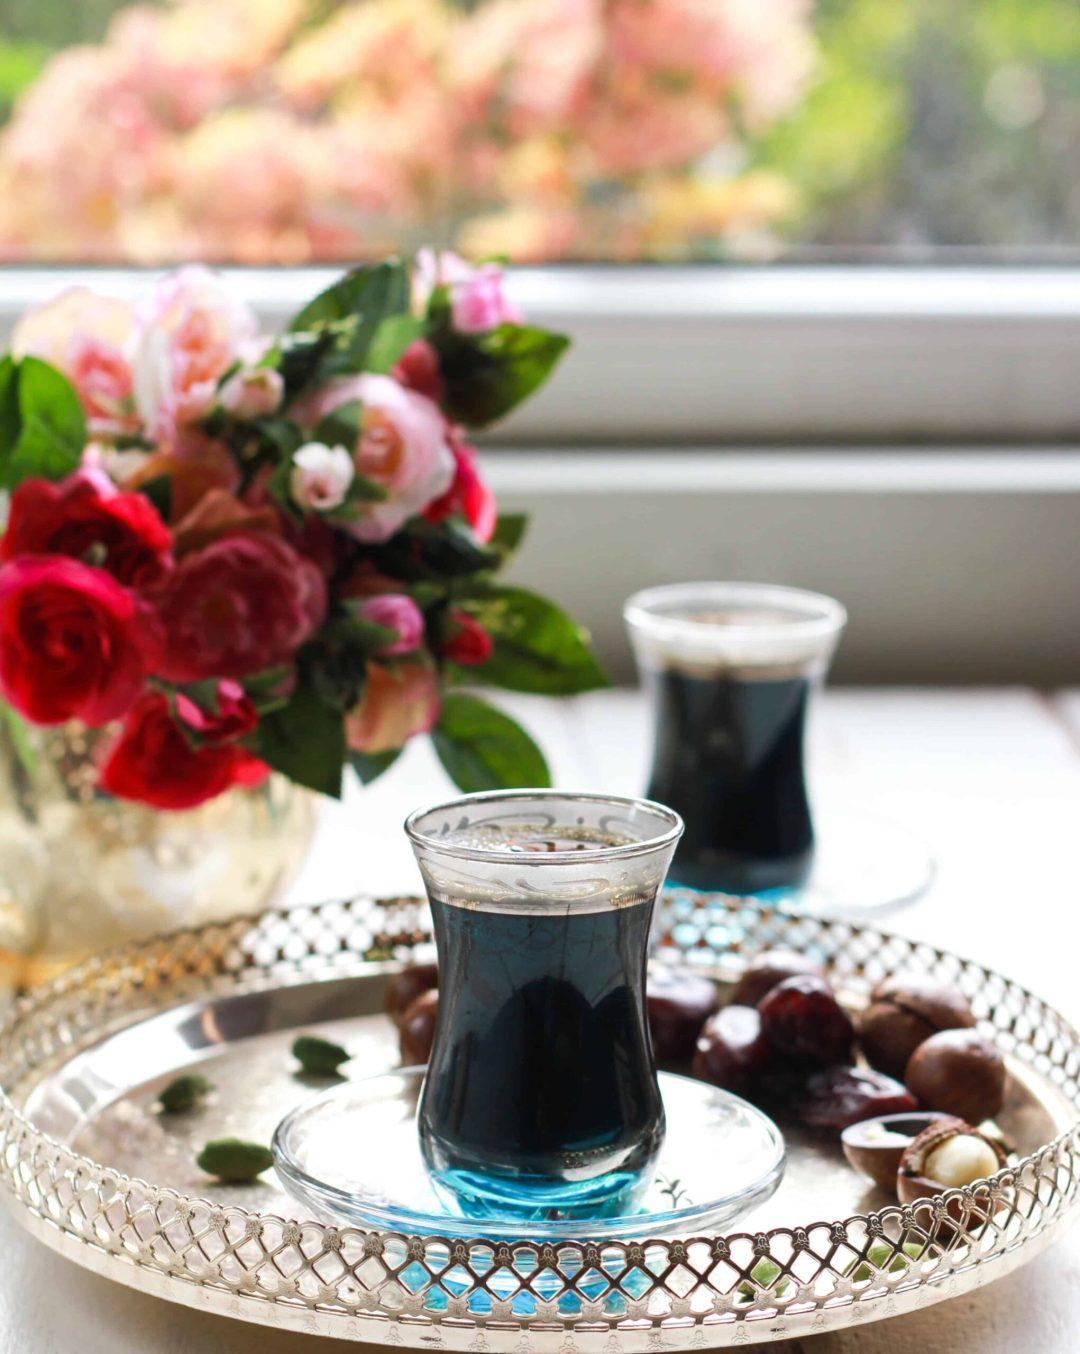 Arabic Coffee with Cardamom